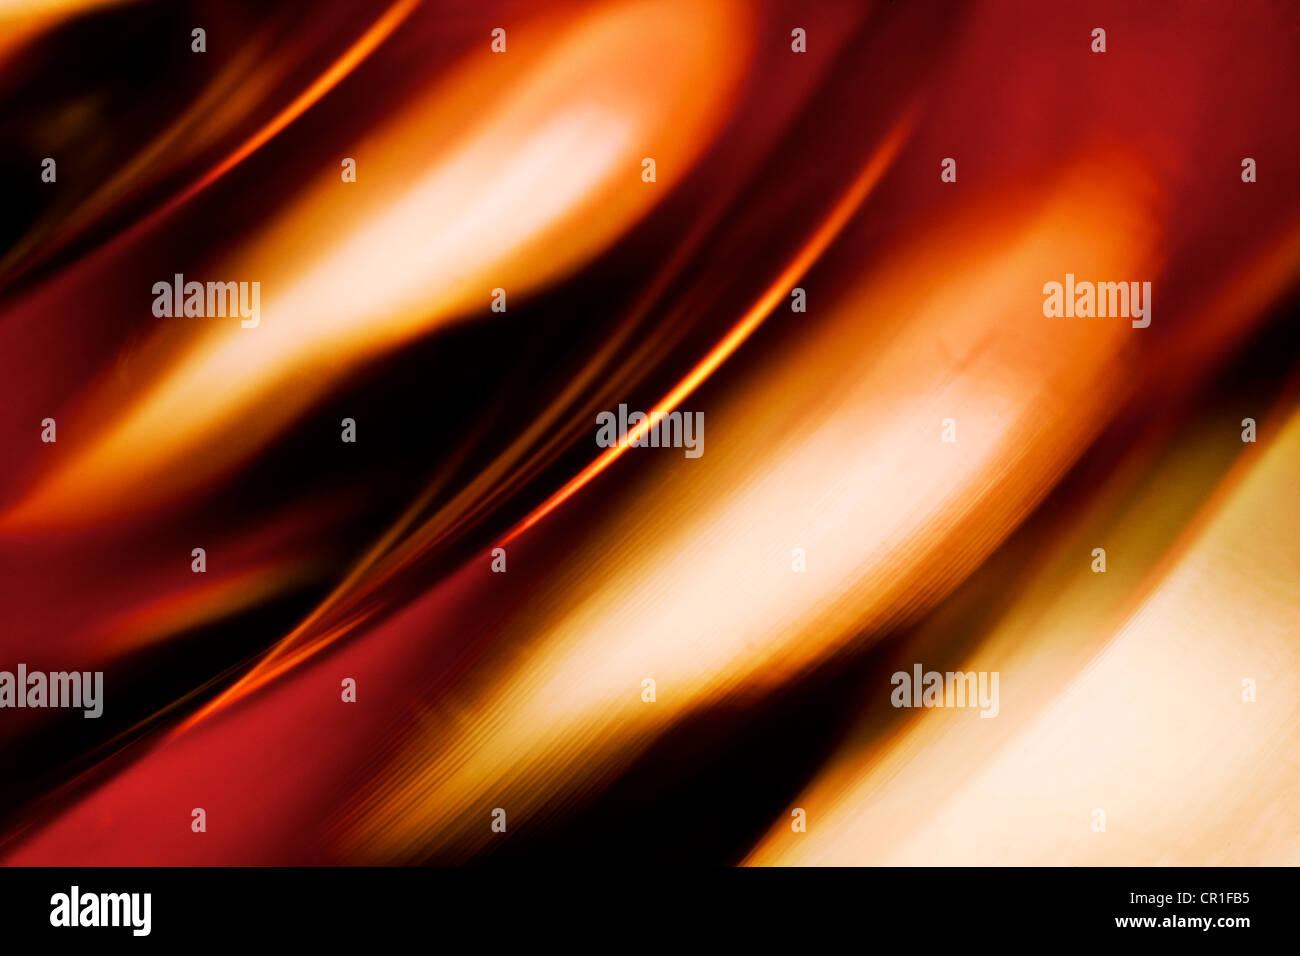 Primer plano de vidrio colorido. Resumen imagen tomada con una lente macro de gran ampliación. Imagen De Stock